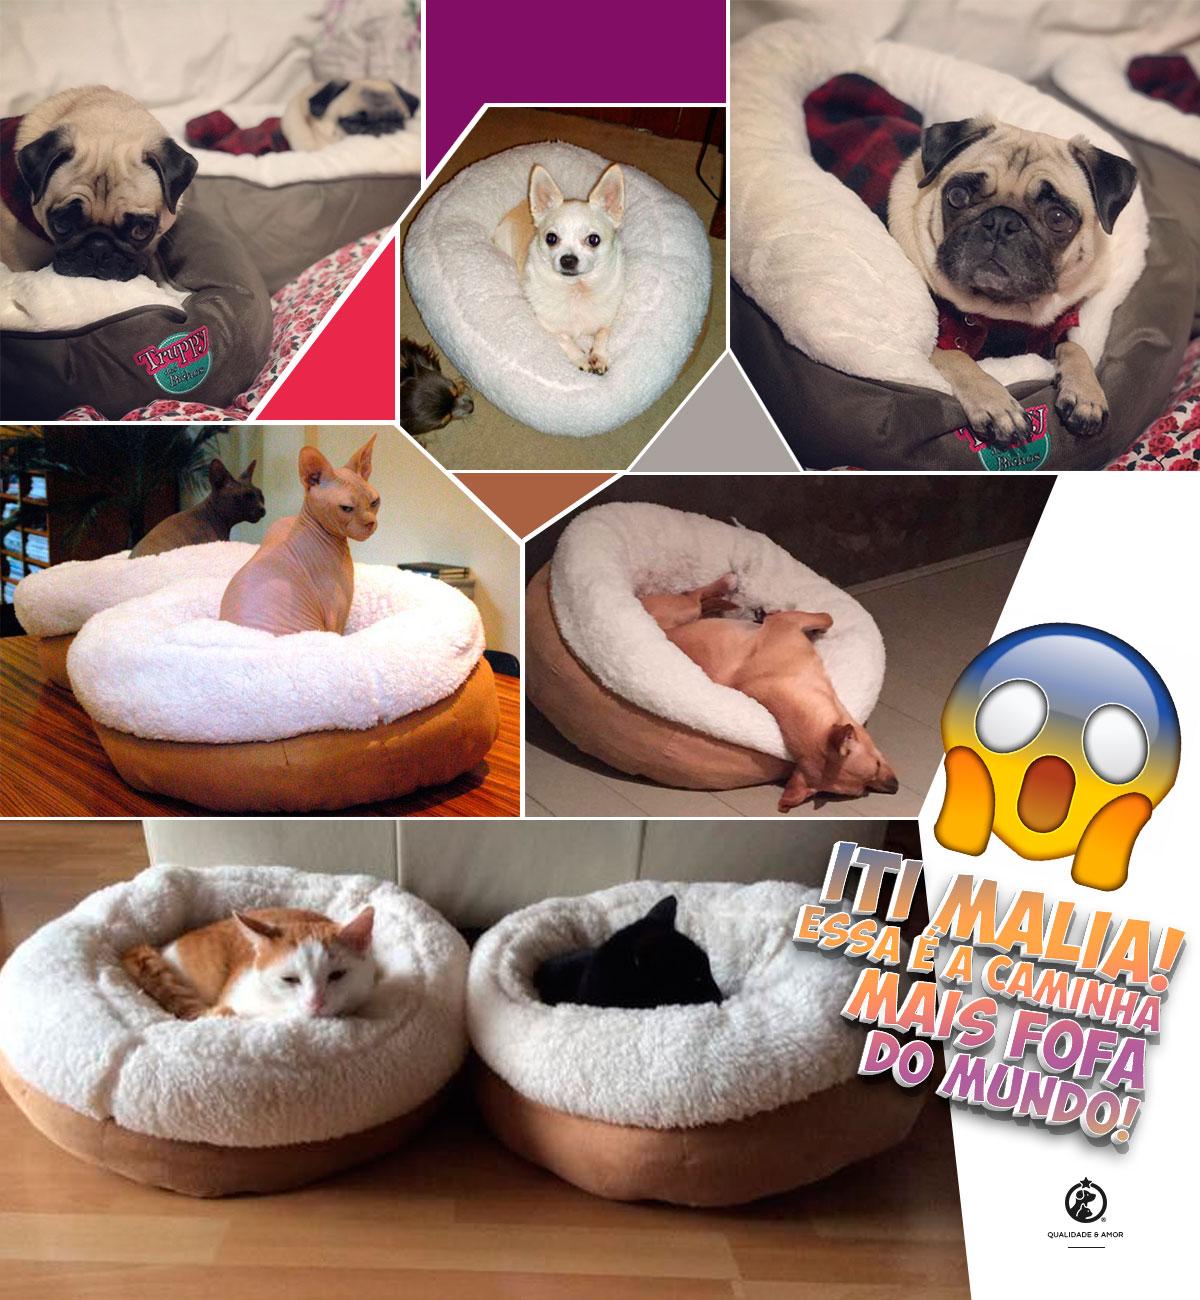 Compre a Caminha Pet Donut na Petite Sofie